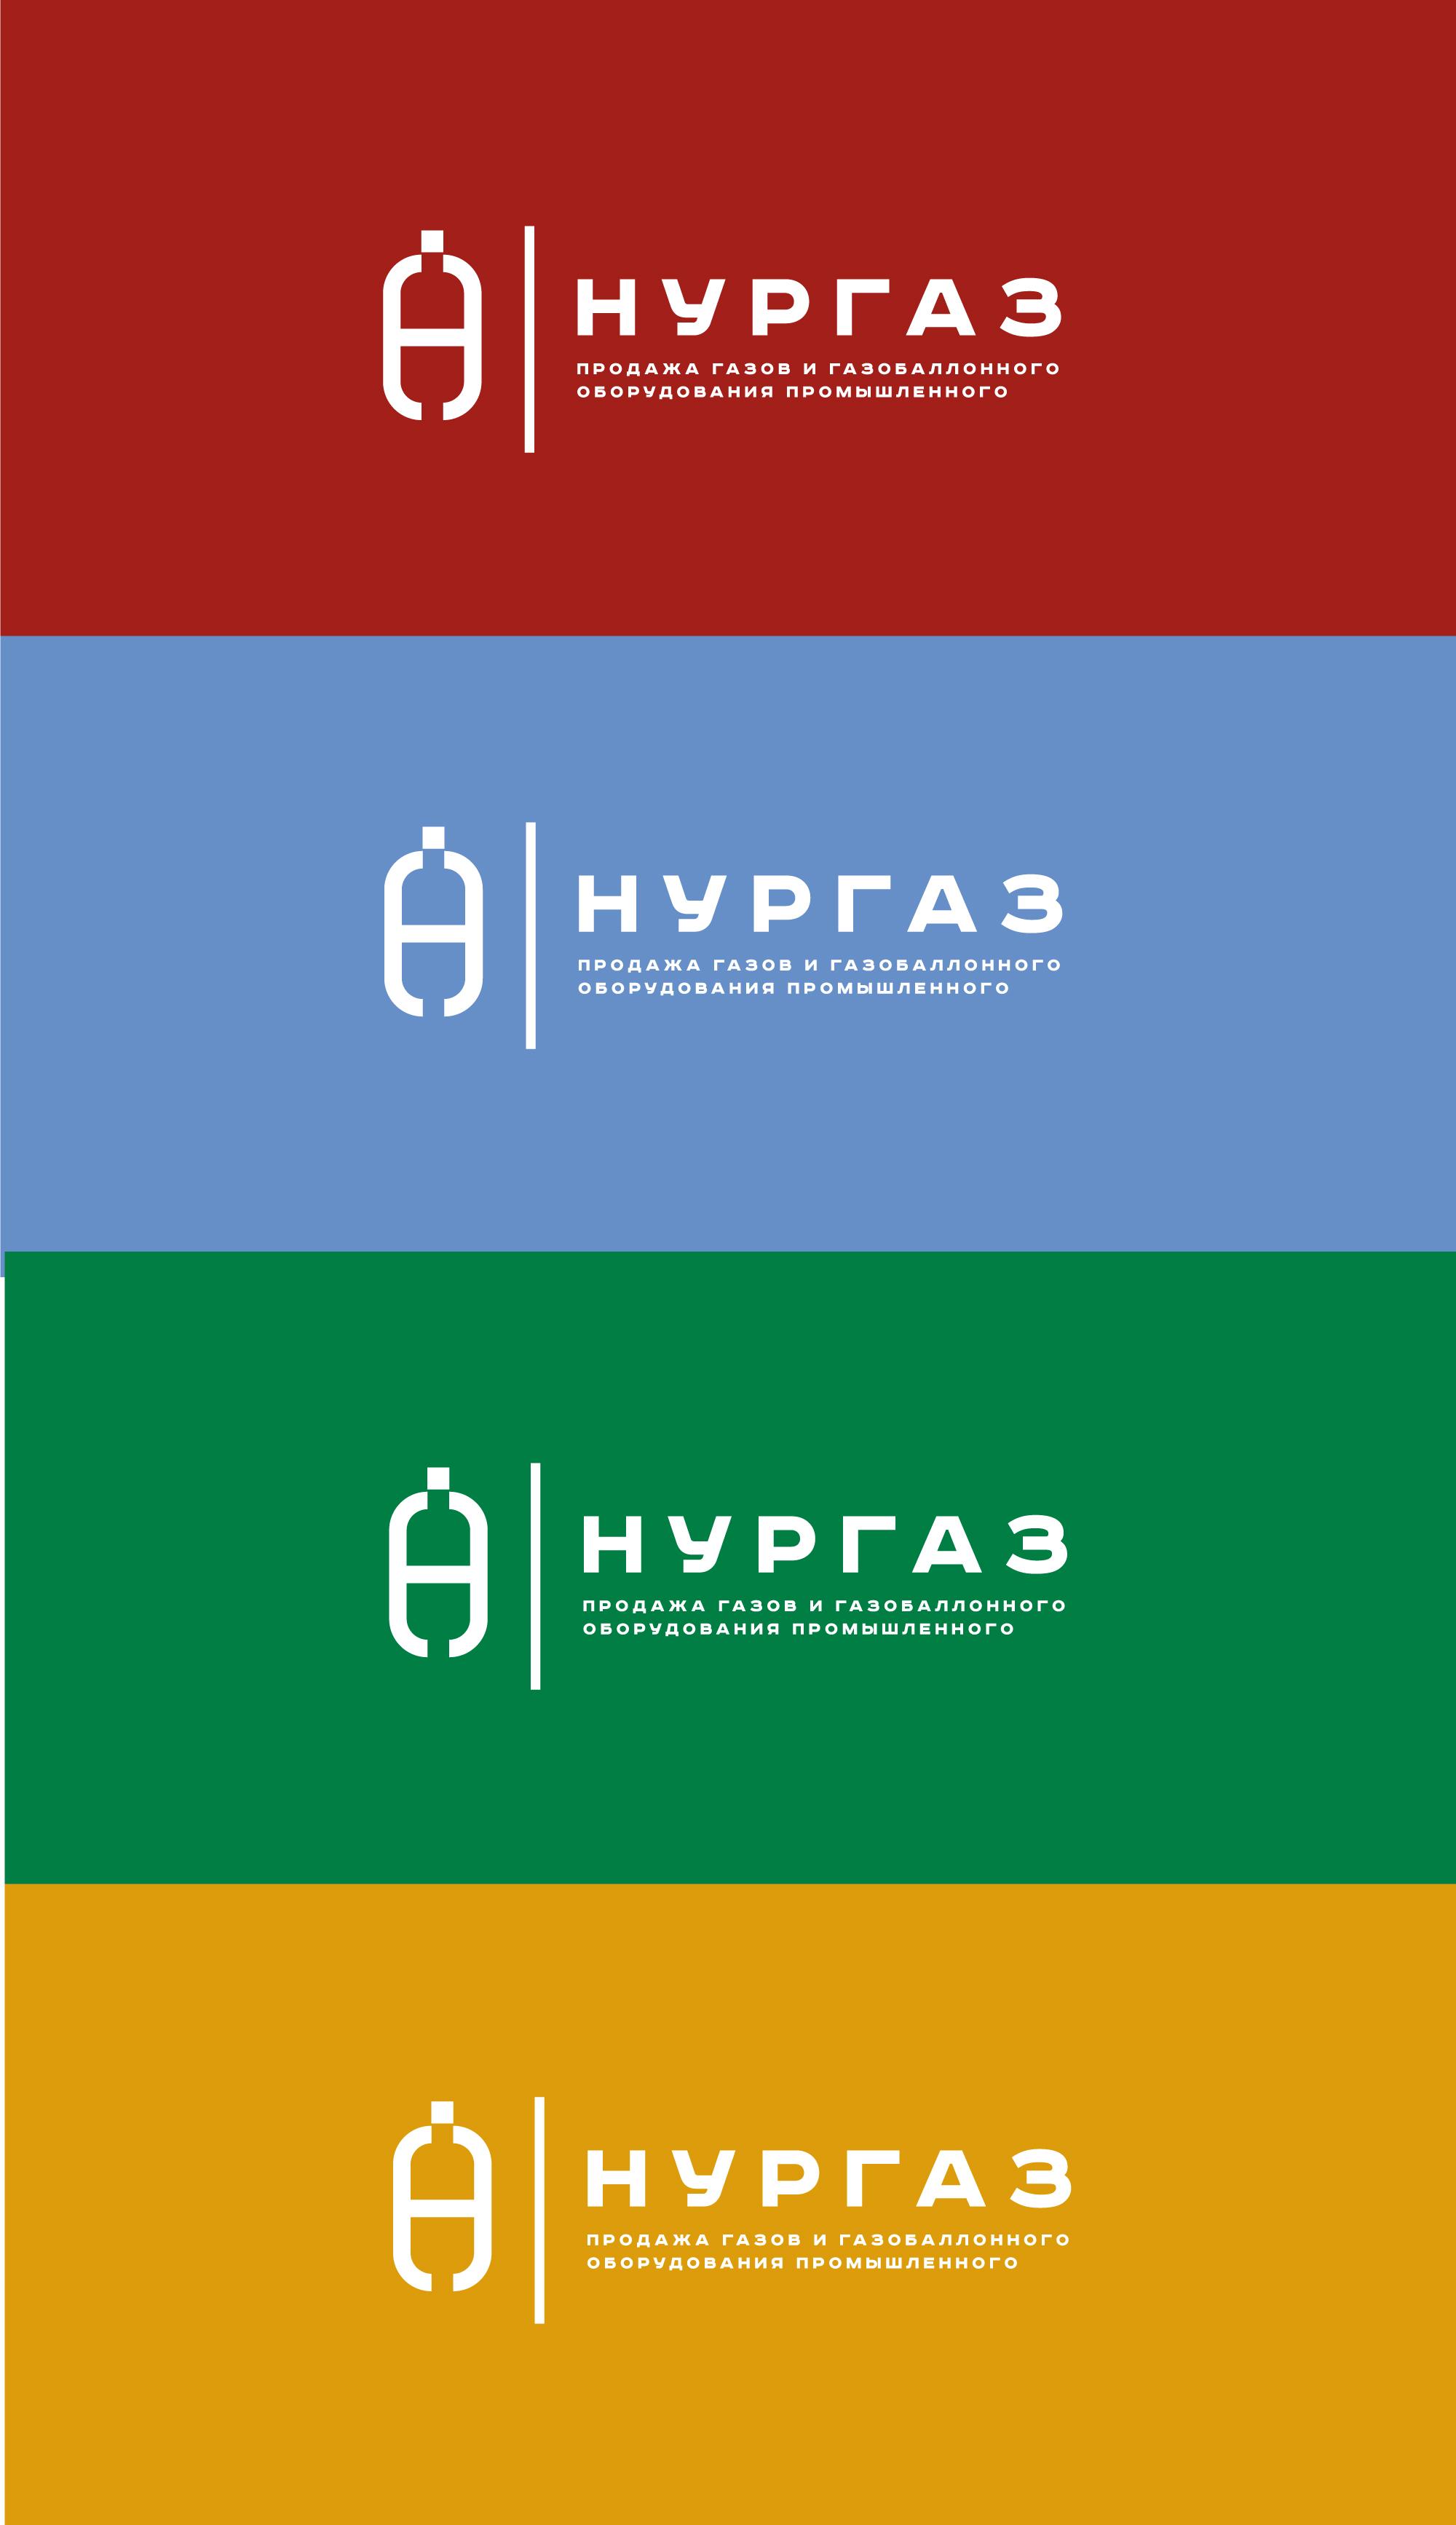 Разработка логотипа и фирменного стиля фото f_1235d9d830864803.jpg